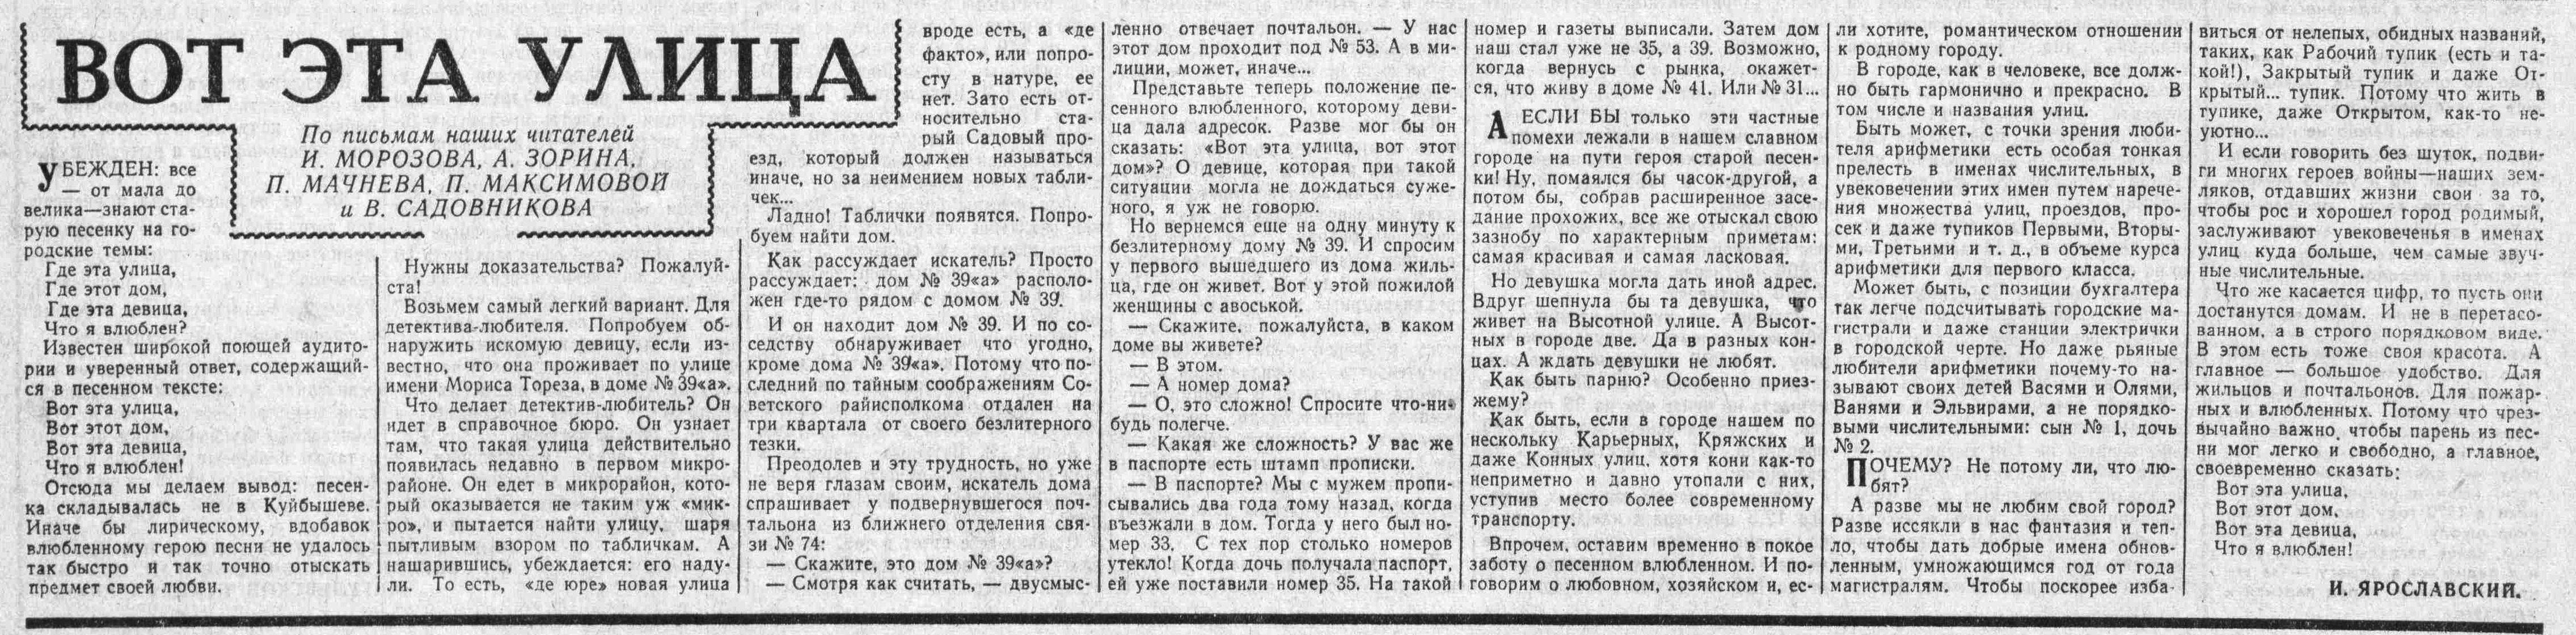 Мориса Тореза-ФОТО-42-ВКа-1965-02-28-фельетон про МТ